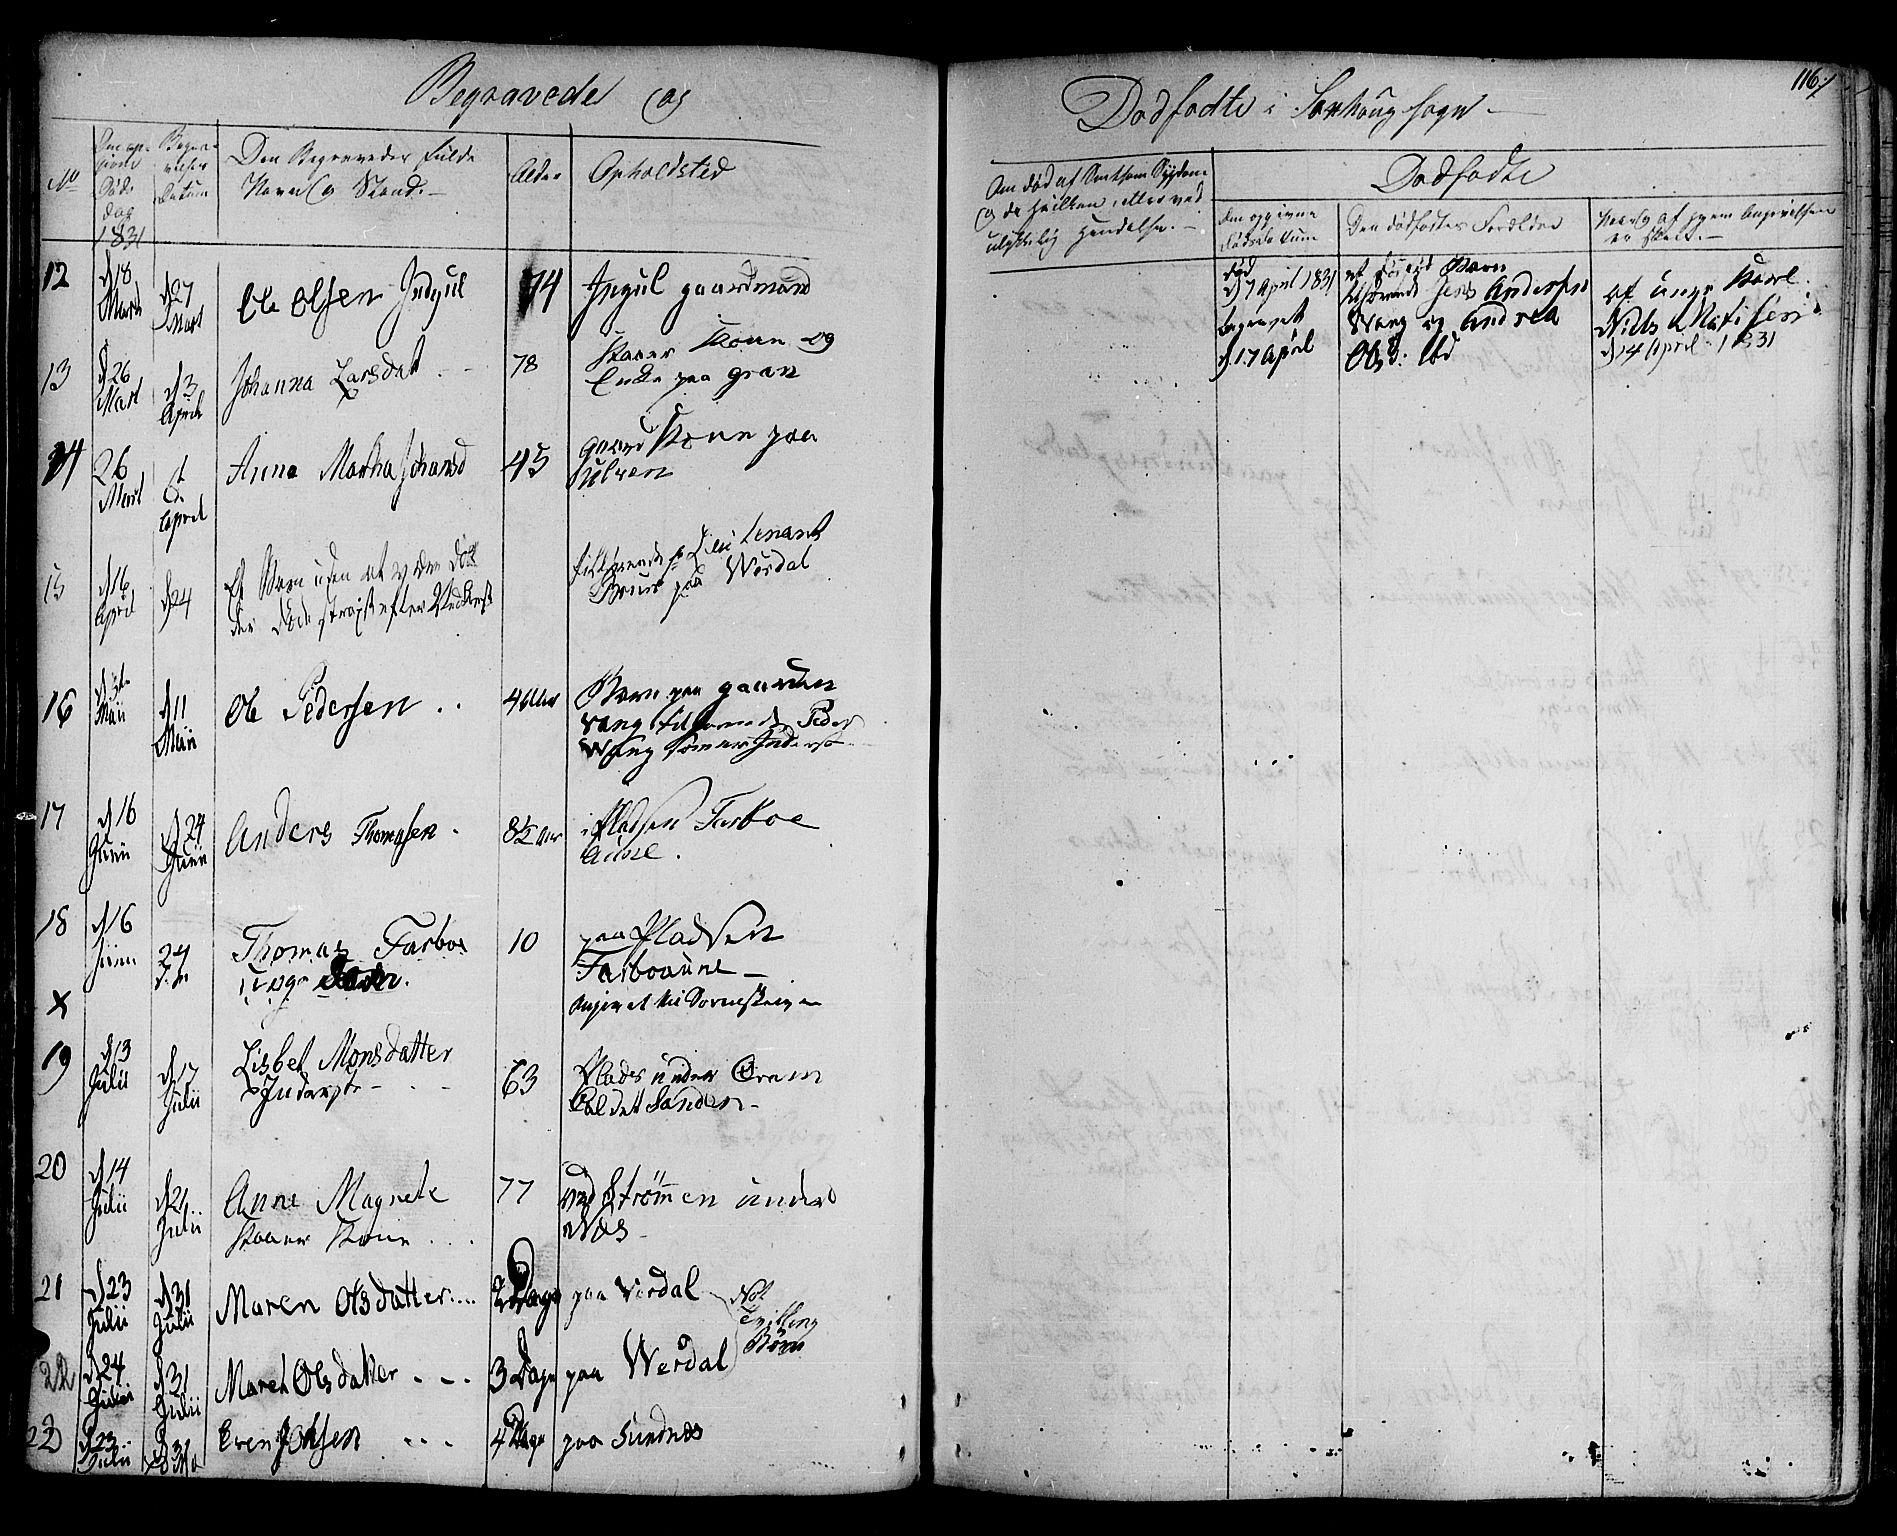 SAT, Ministerialprotokoller, klokkerbøker og fødselsregistre - Nord-Trøndelag, 730/L0277: Ministerialbok nr. 730A06 /1, 1830-1839, s. 116